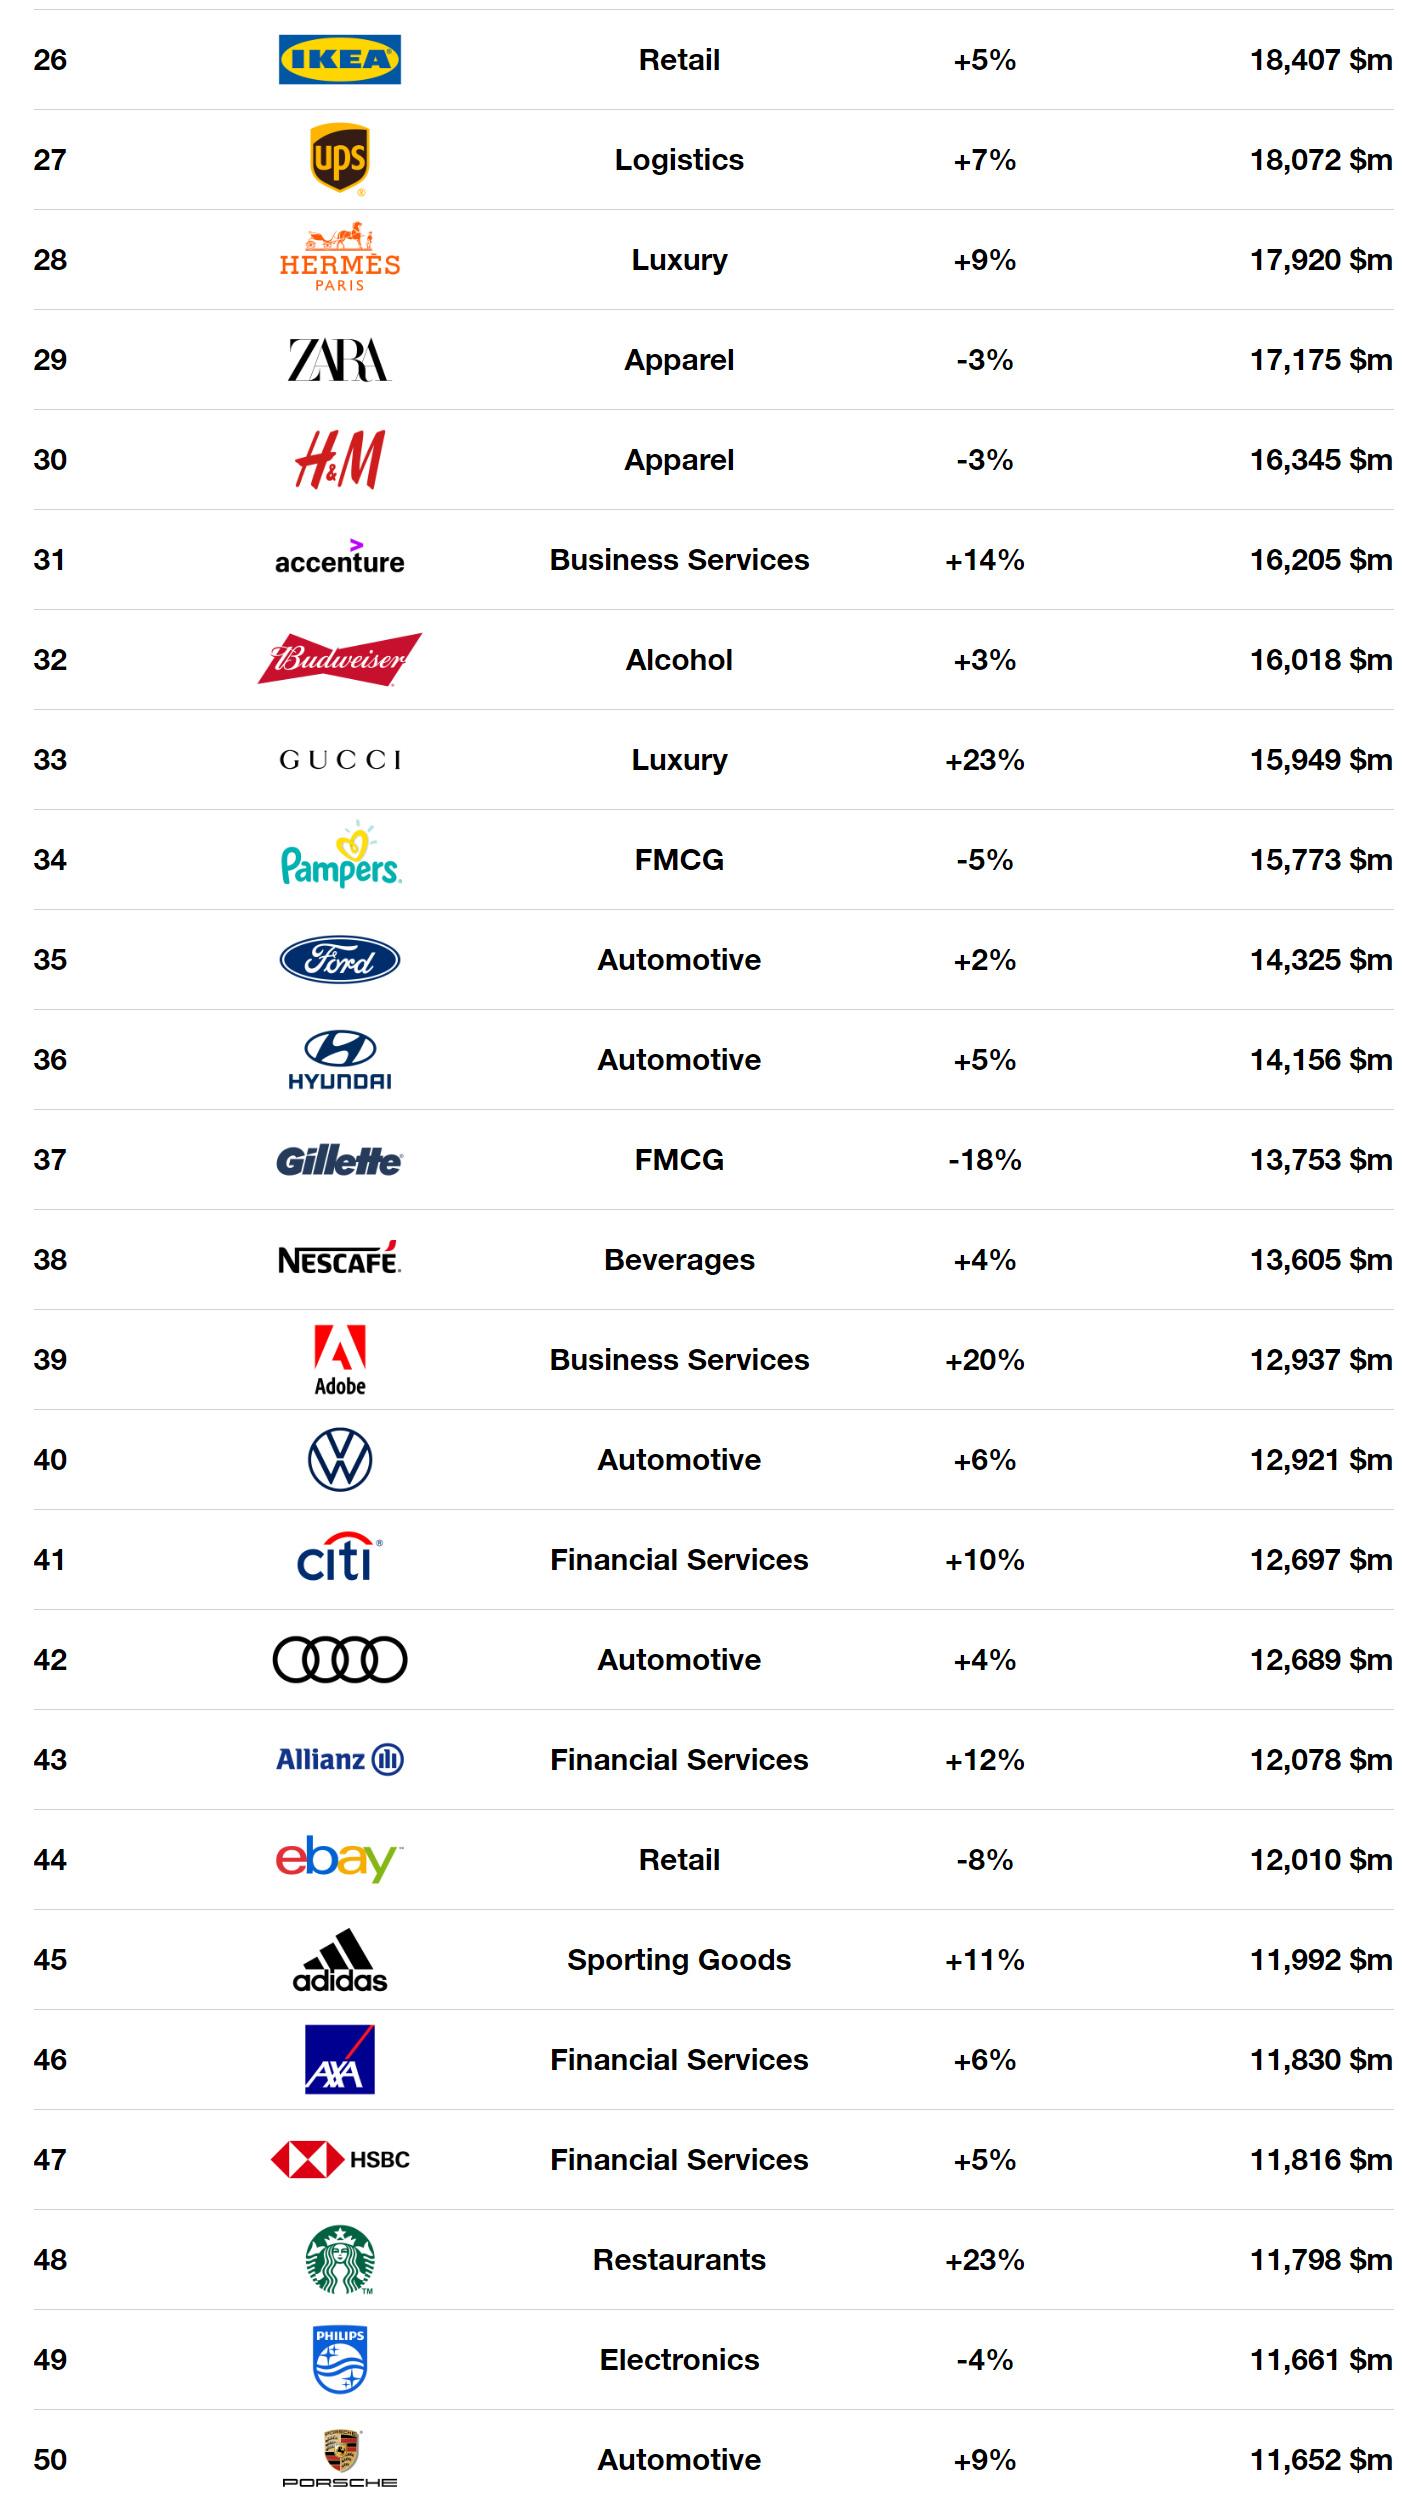 Interbrand. աշխարհի ամենաթանկ բրենդները 2019